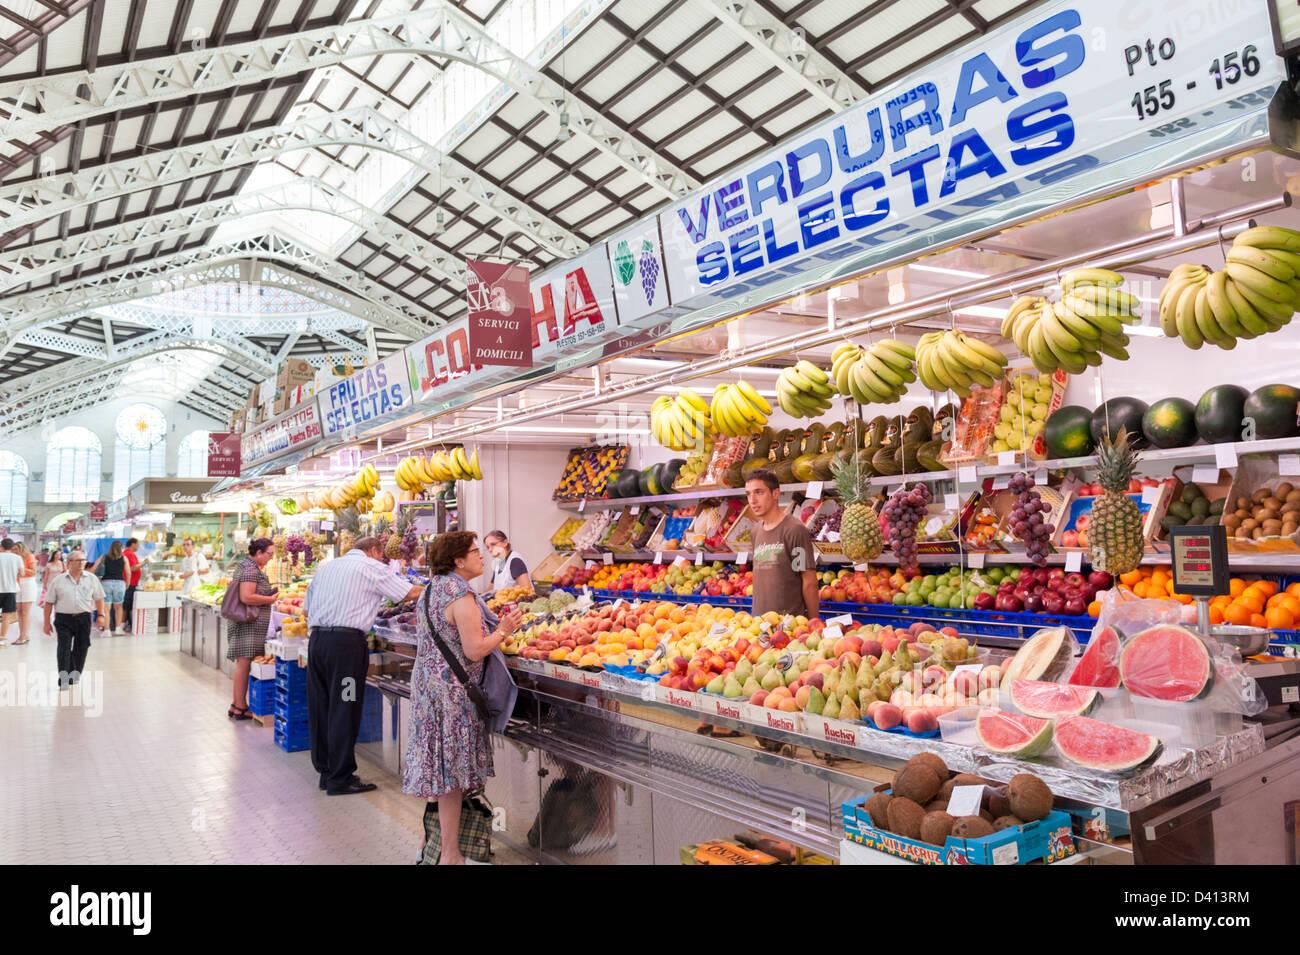 La frutta e la verdura in stallo il Mercato Centrale, Valencia, Spagna Immagini Stock